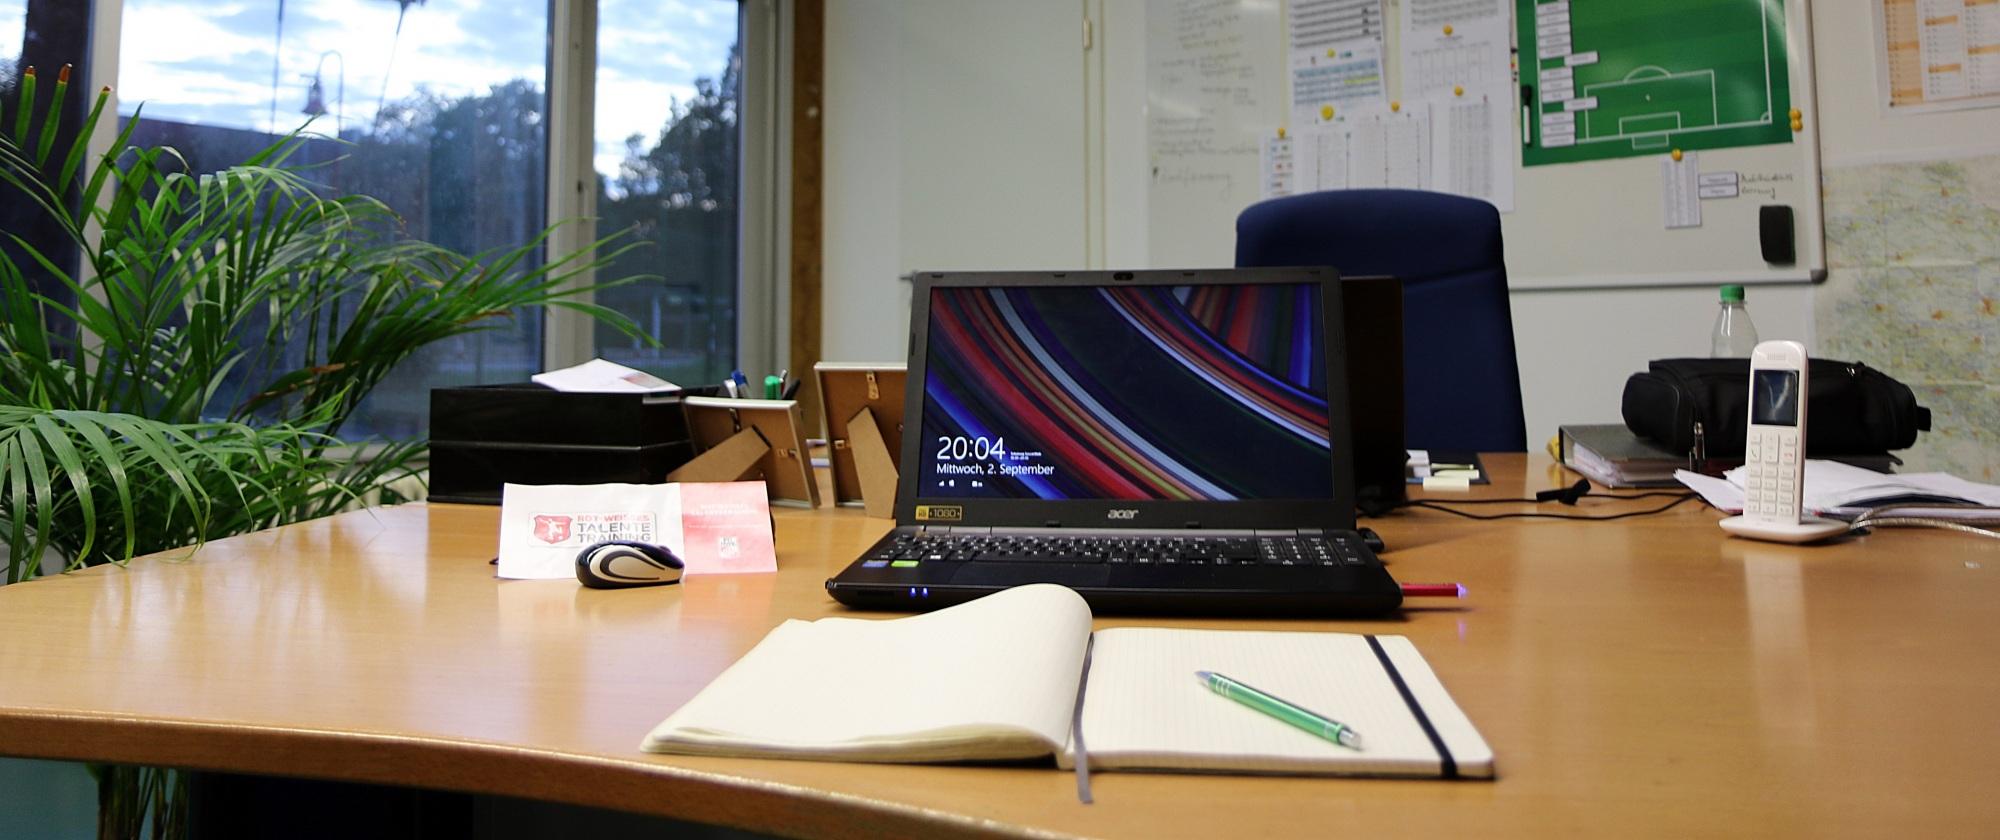 NLZ - Bürozeiten